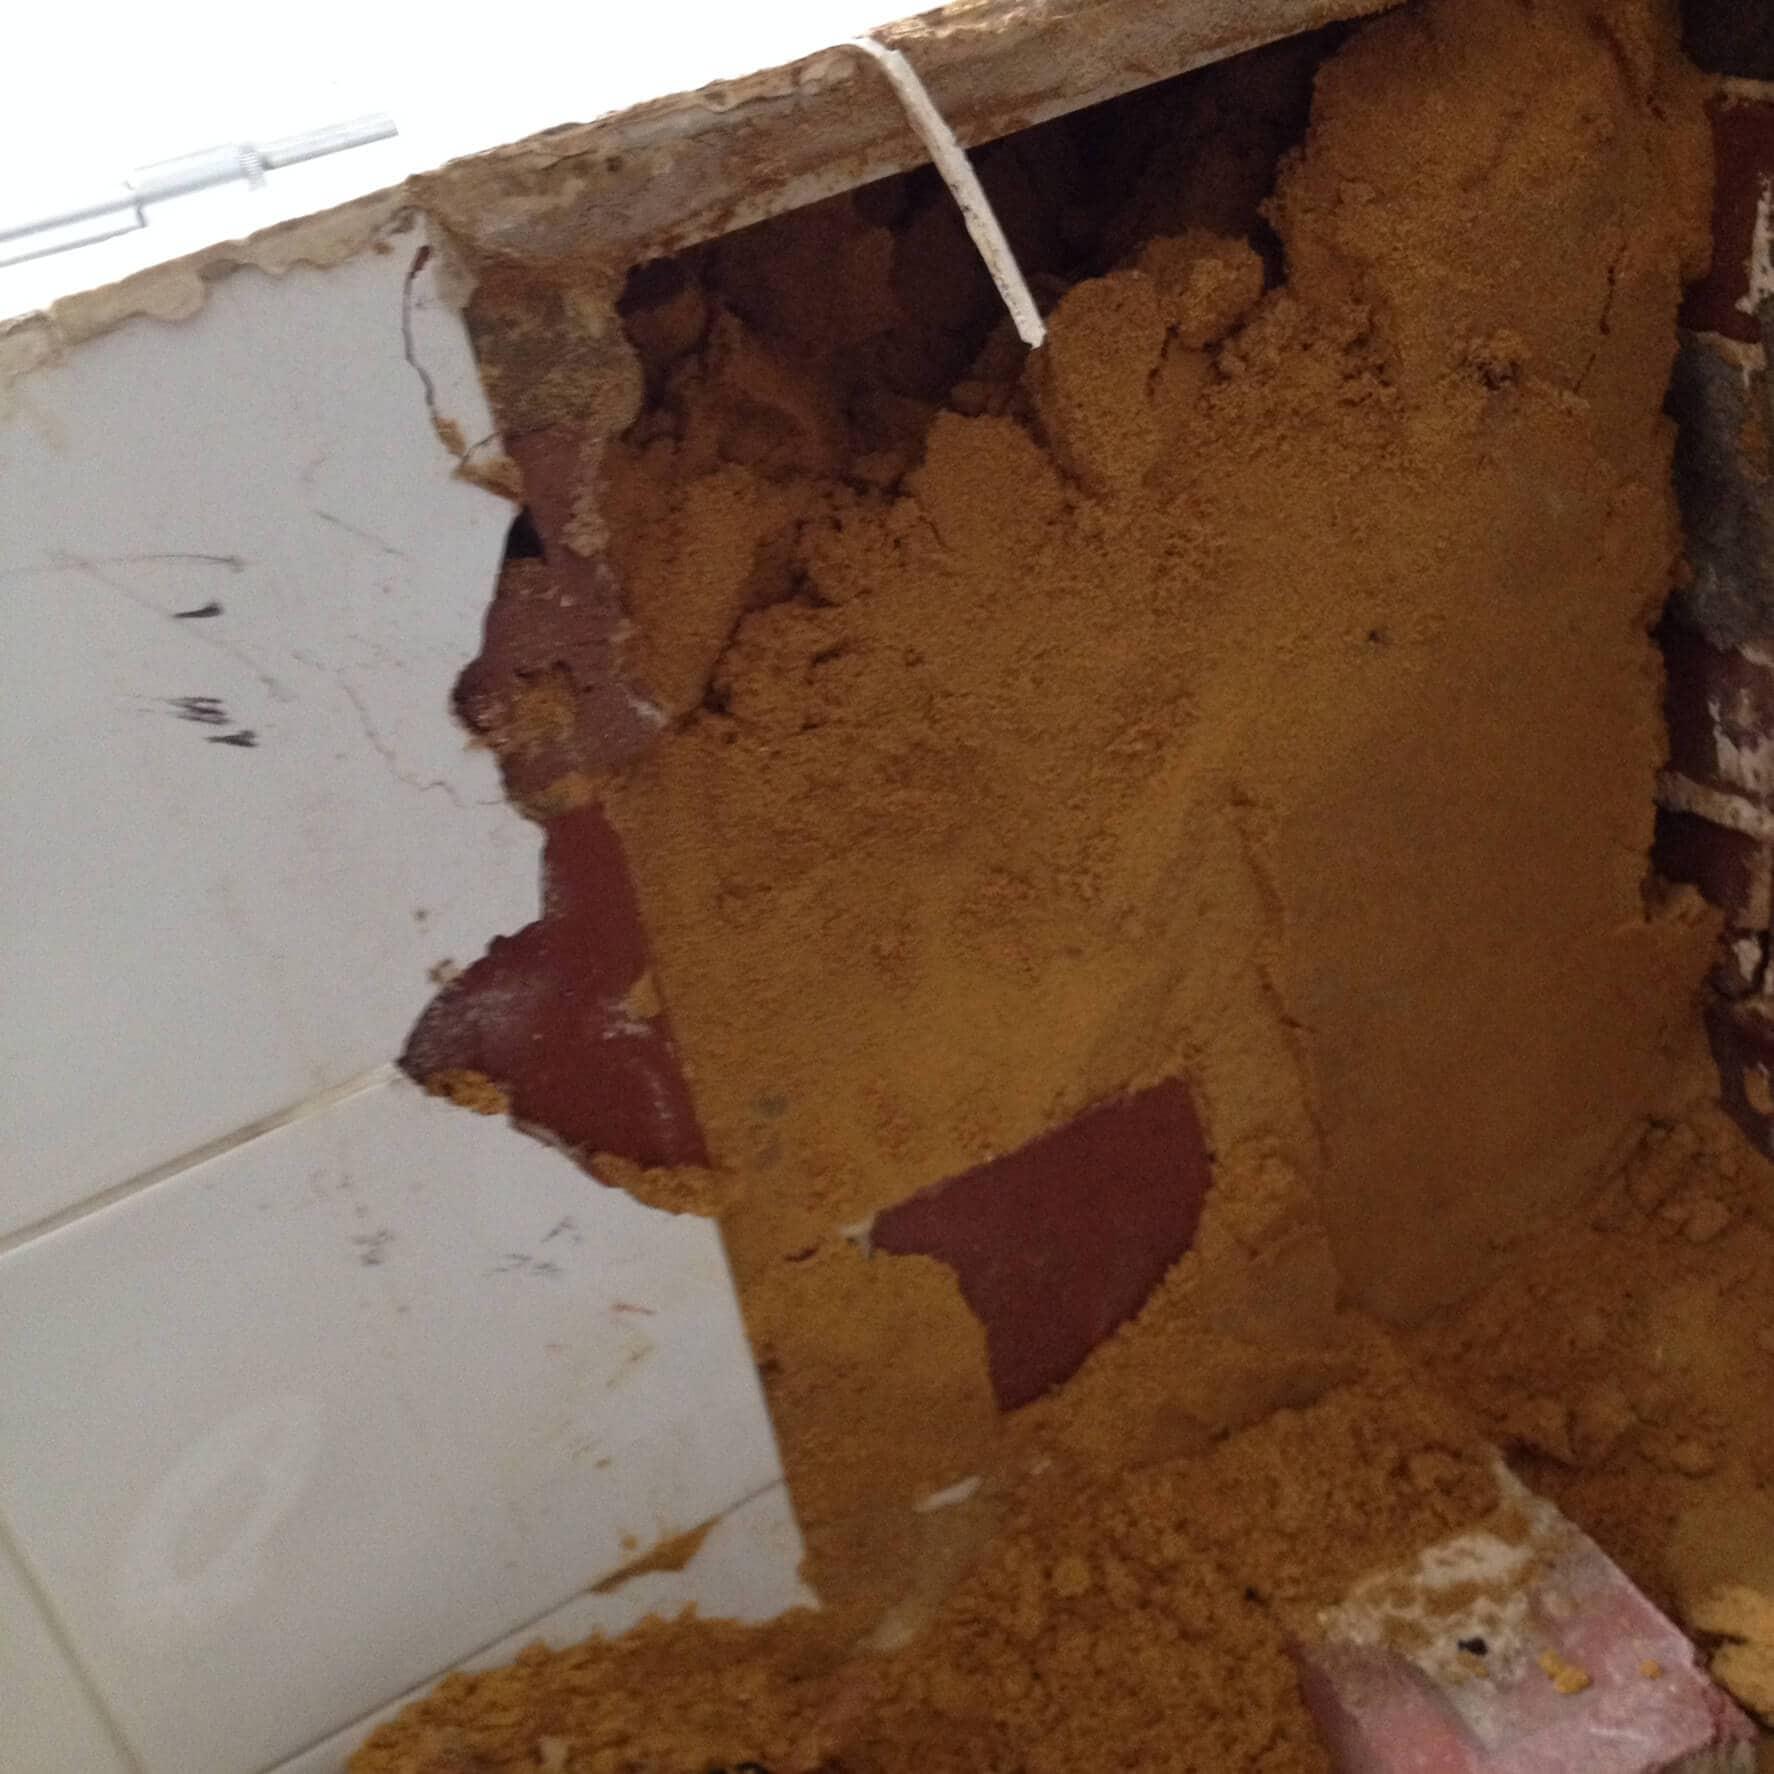 Everyday Plumbers Residential Vanity Basin Repairs - Basin Repair in Progress Digging 0391